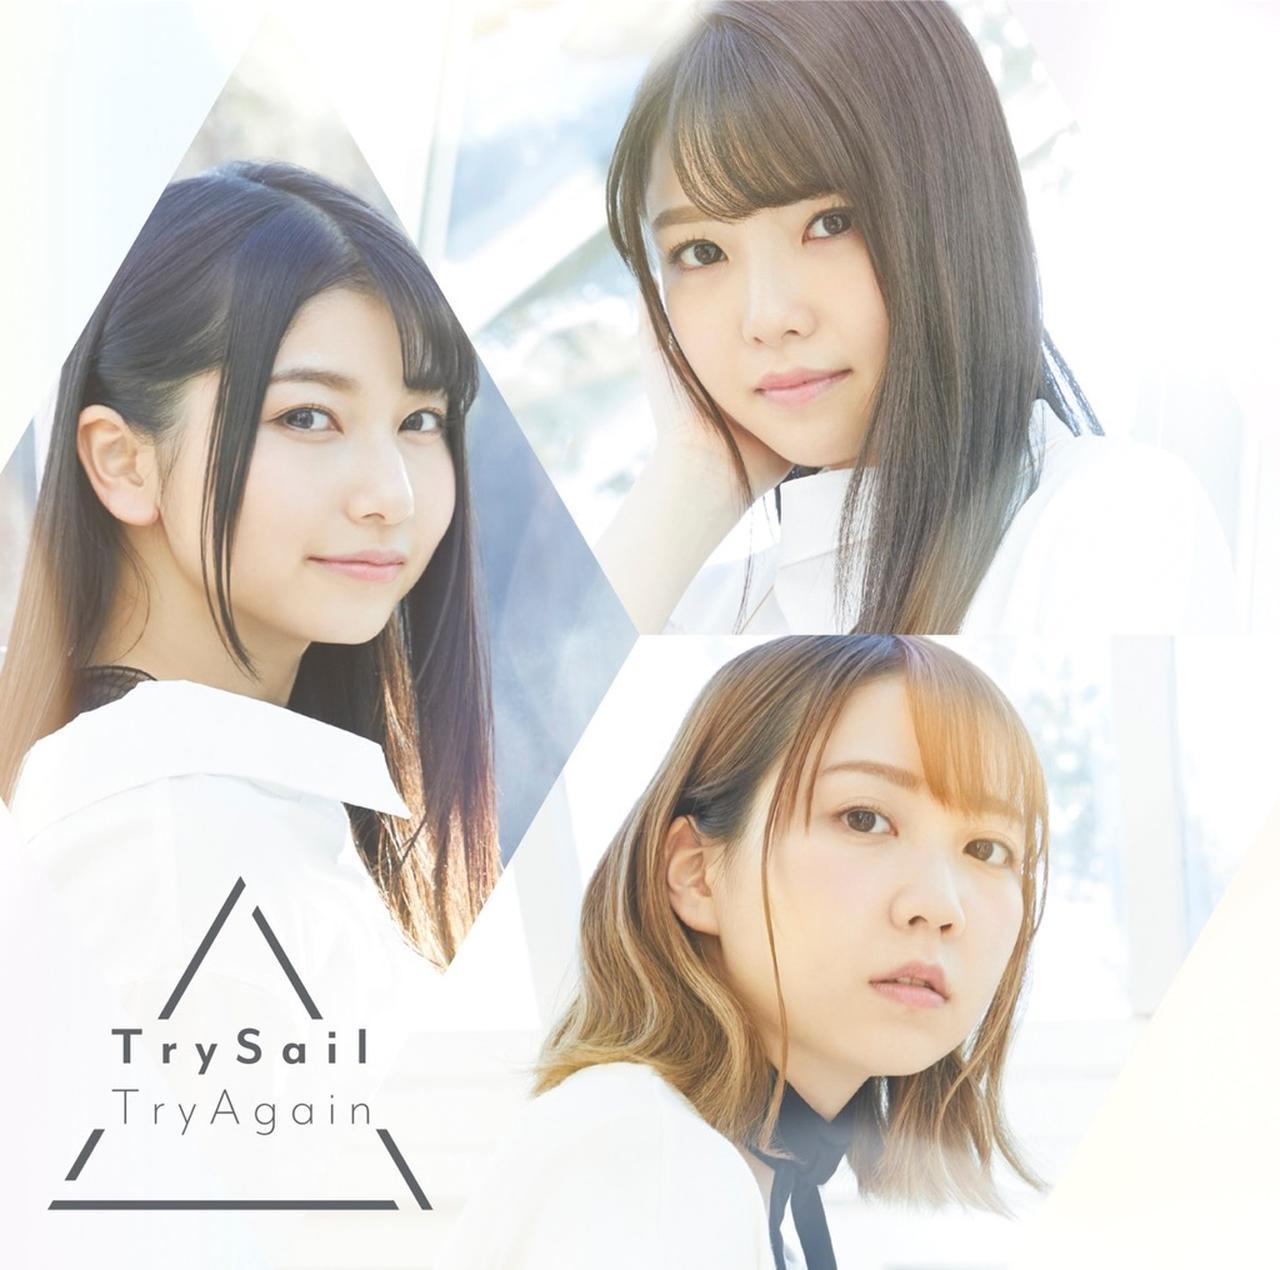 画像: TryAgain/TrySail